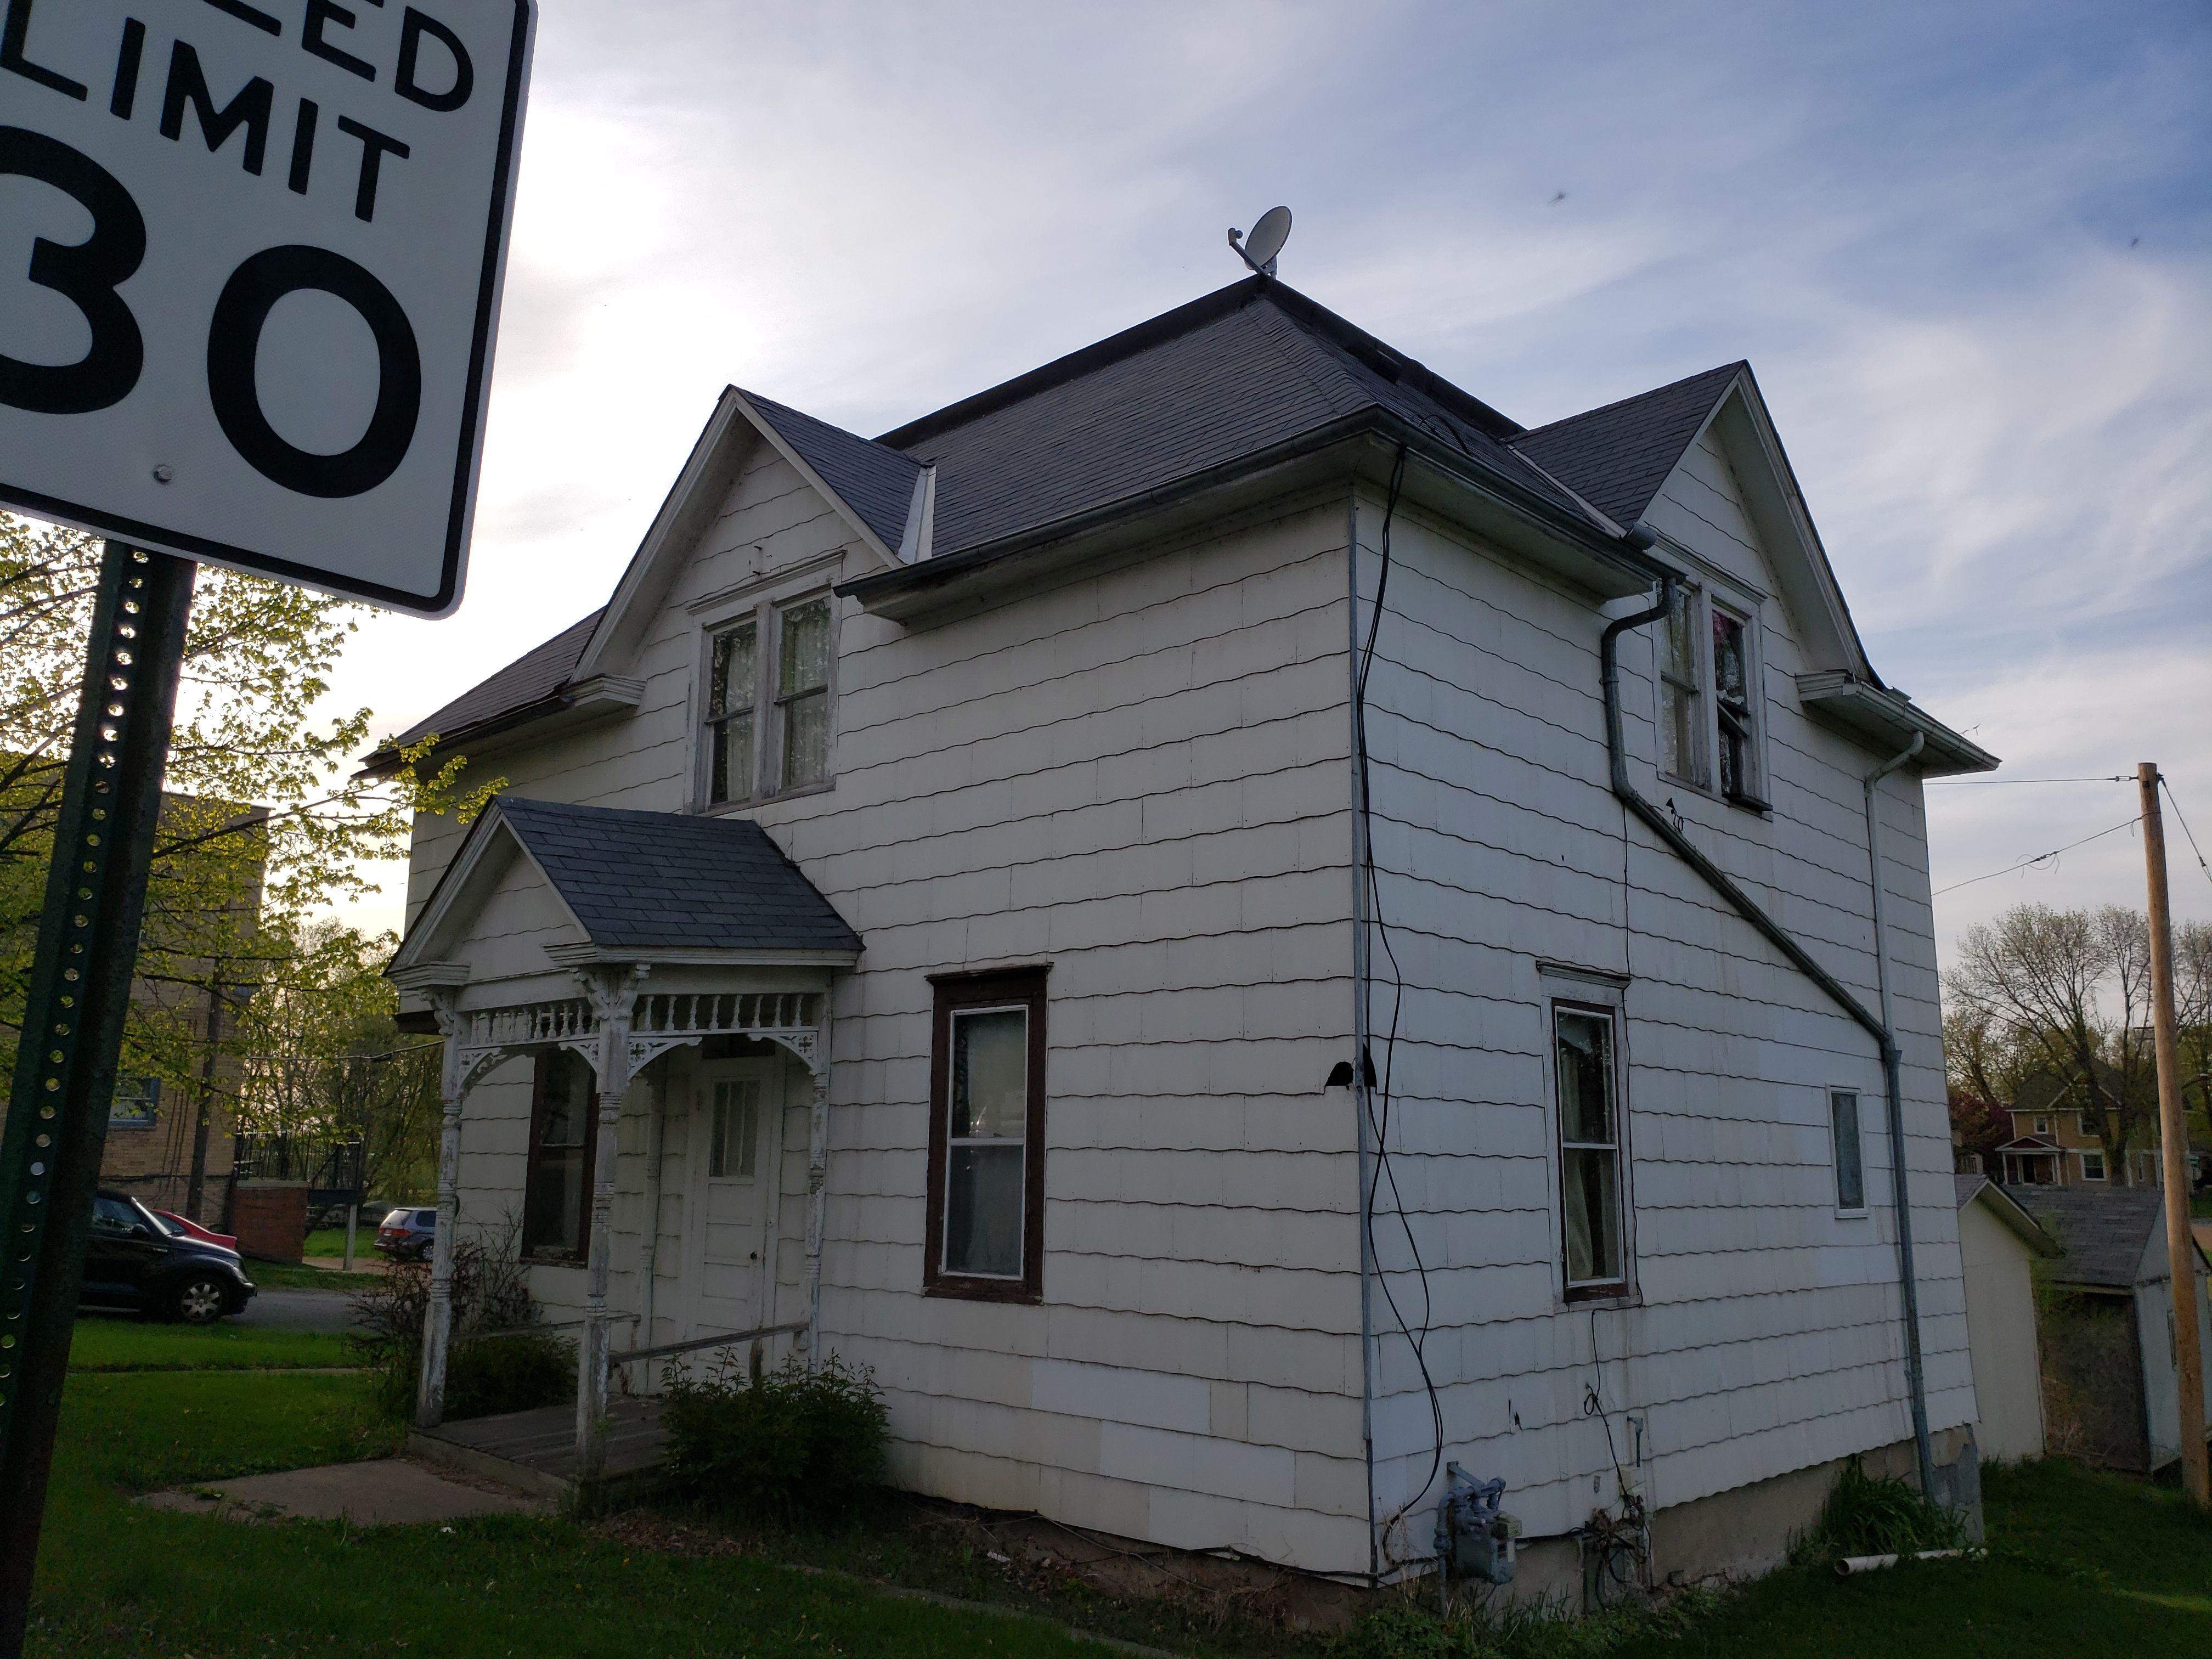 110 Elm Street East (Image - 2)